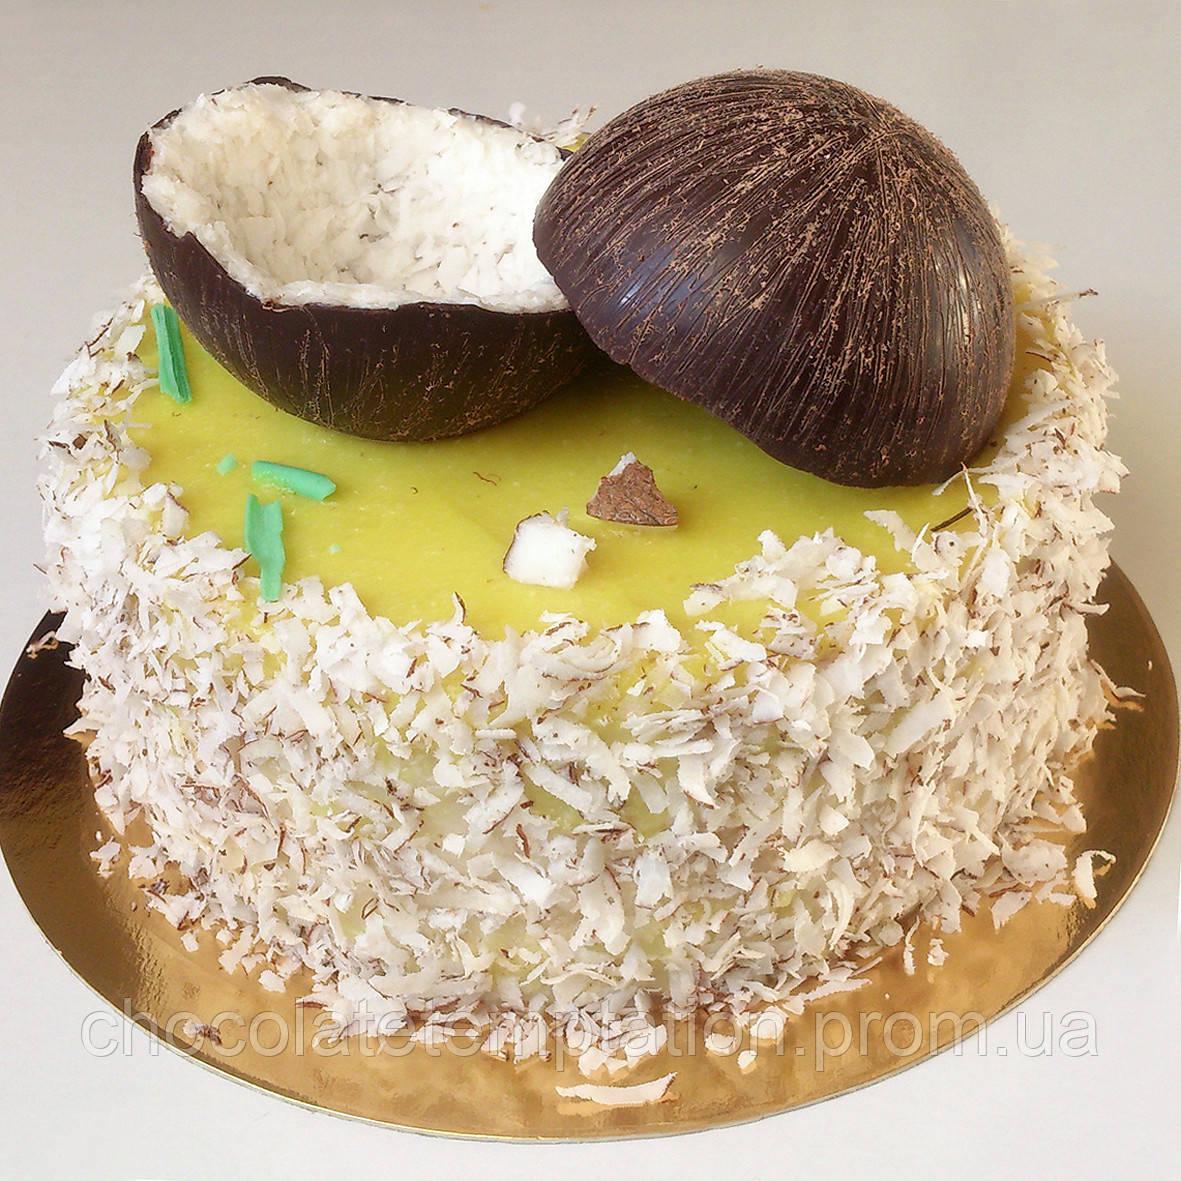 Веганский кокосово-лимонный торт